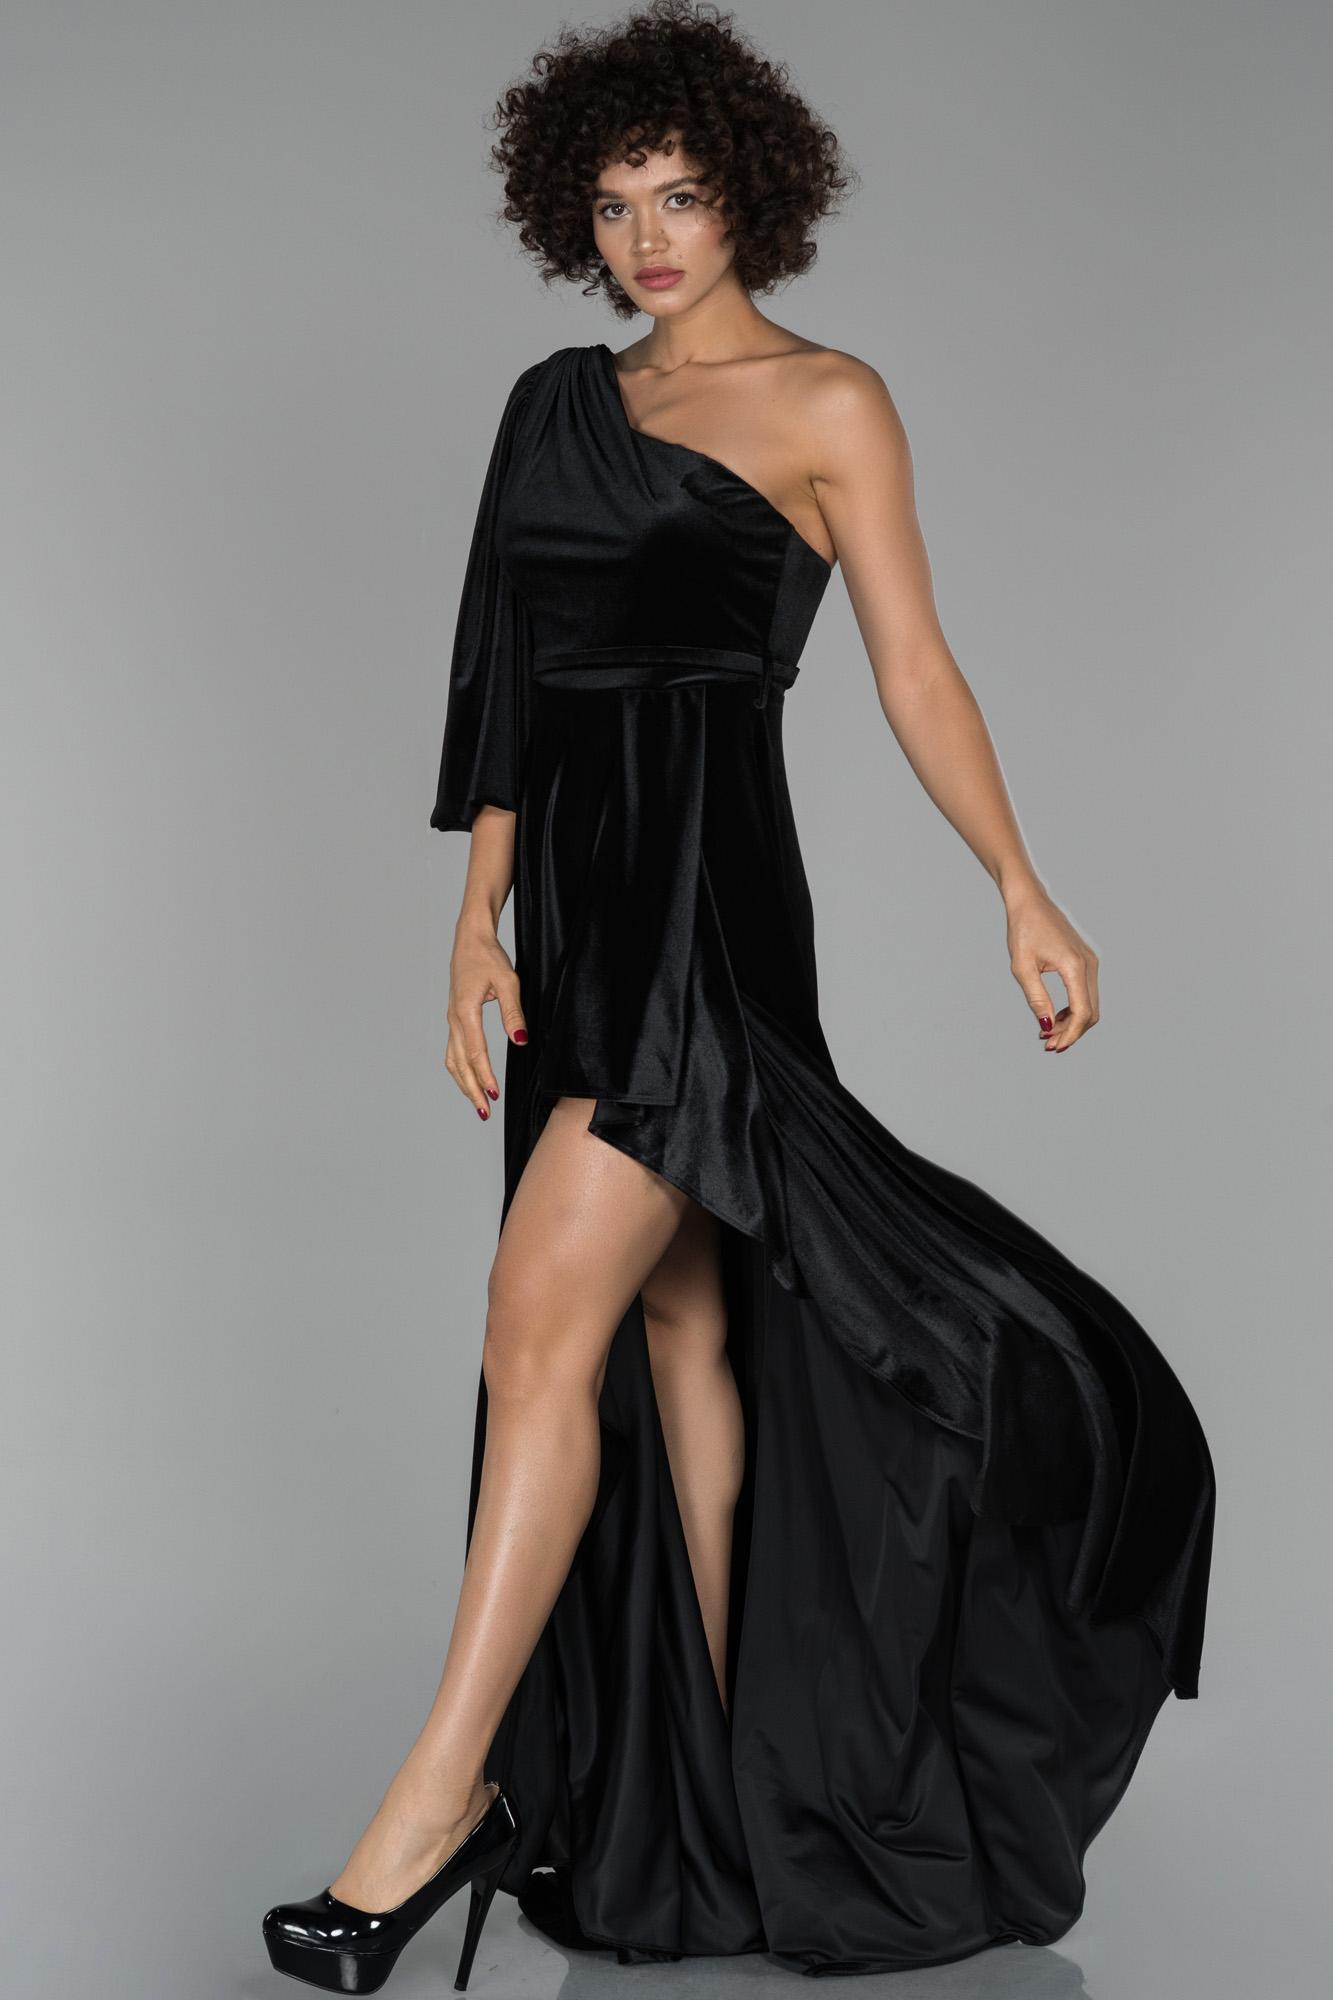 Siyah Uzun Tek Kol Yırtmaç Detaylı Kadife Abiye Elbise